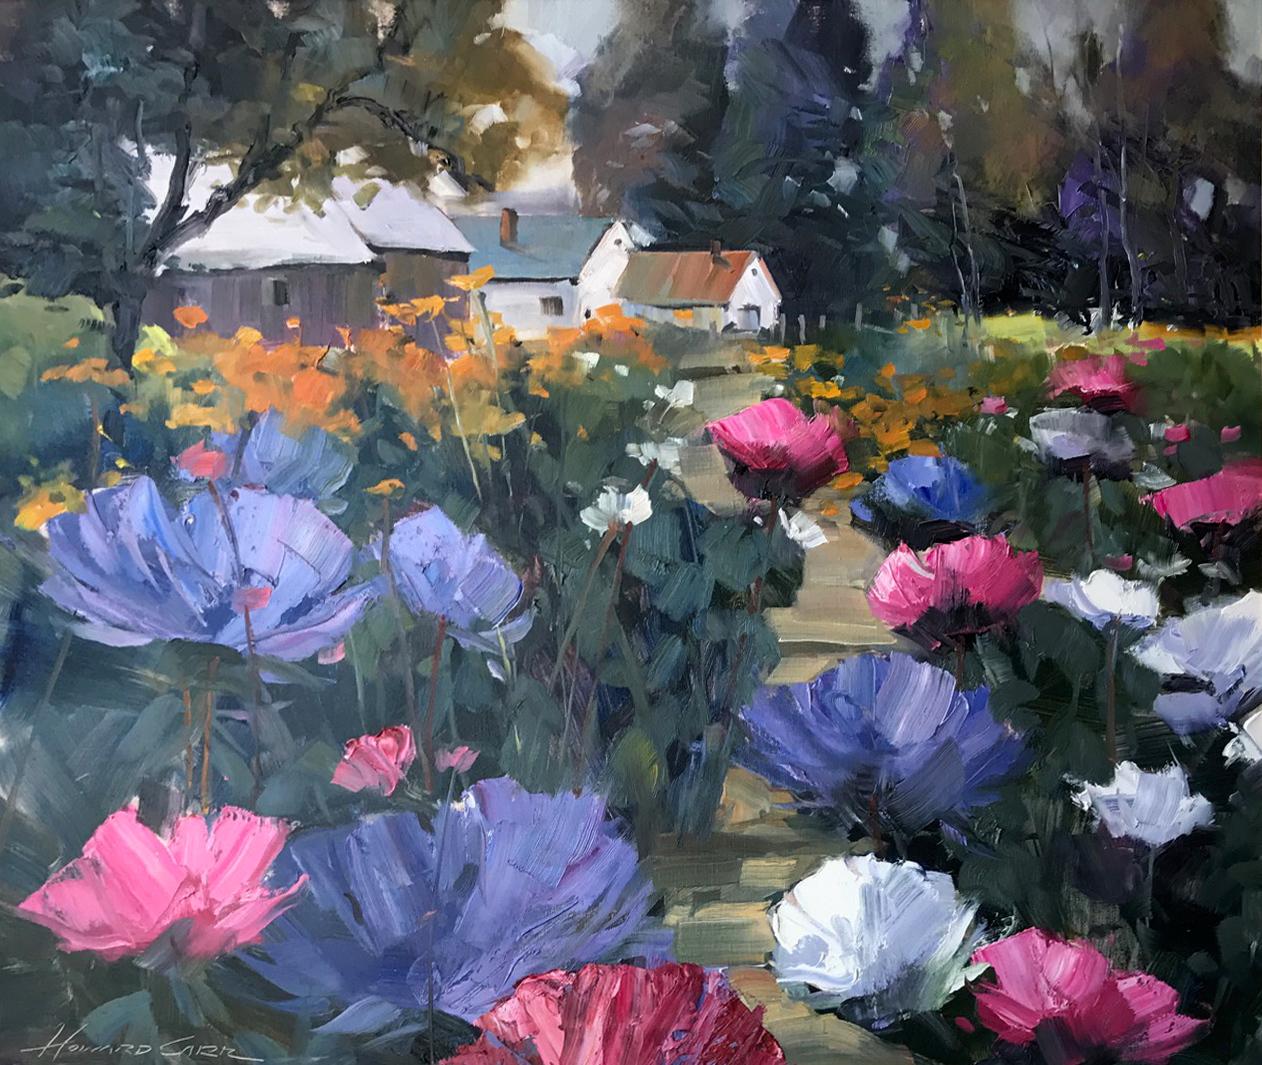 Flower farm nnb8hi